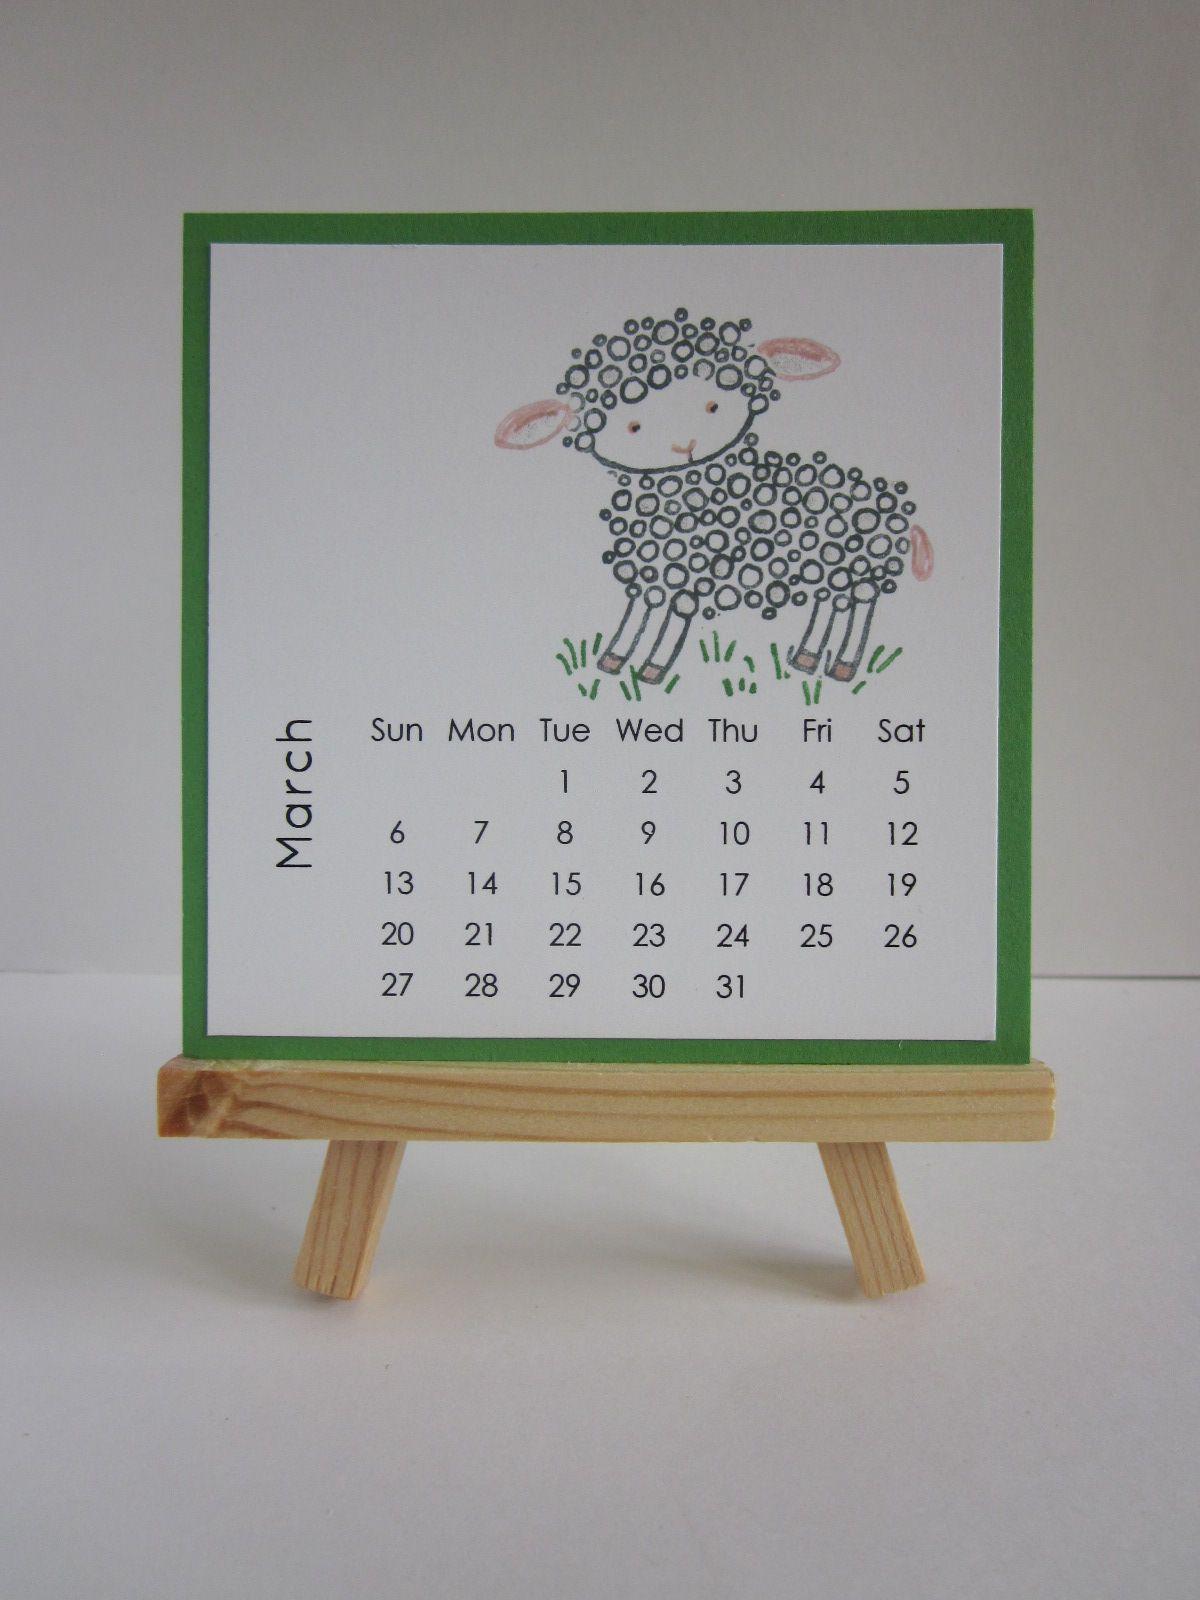 Diy Easel Calendar : Maui stamper diy easel calendar march